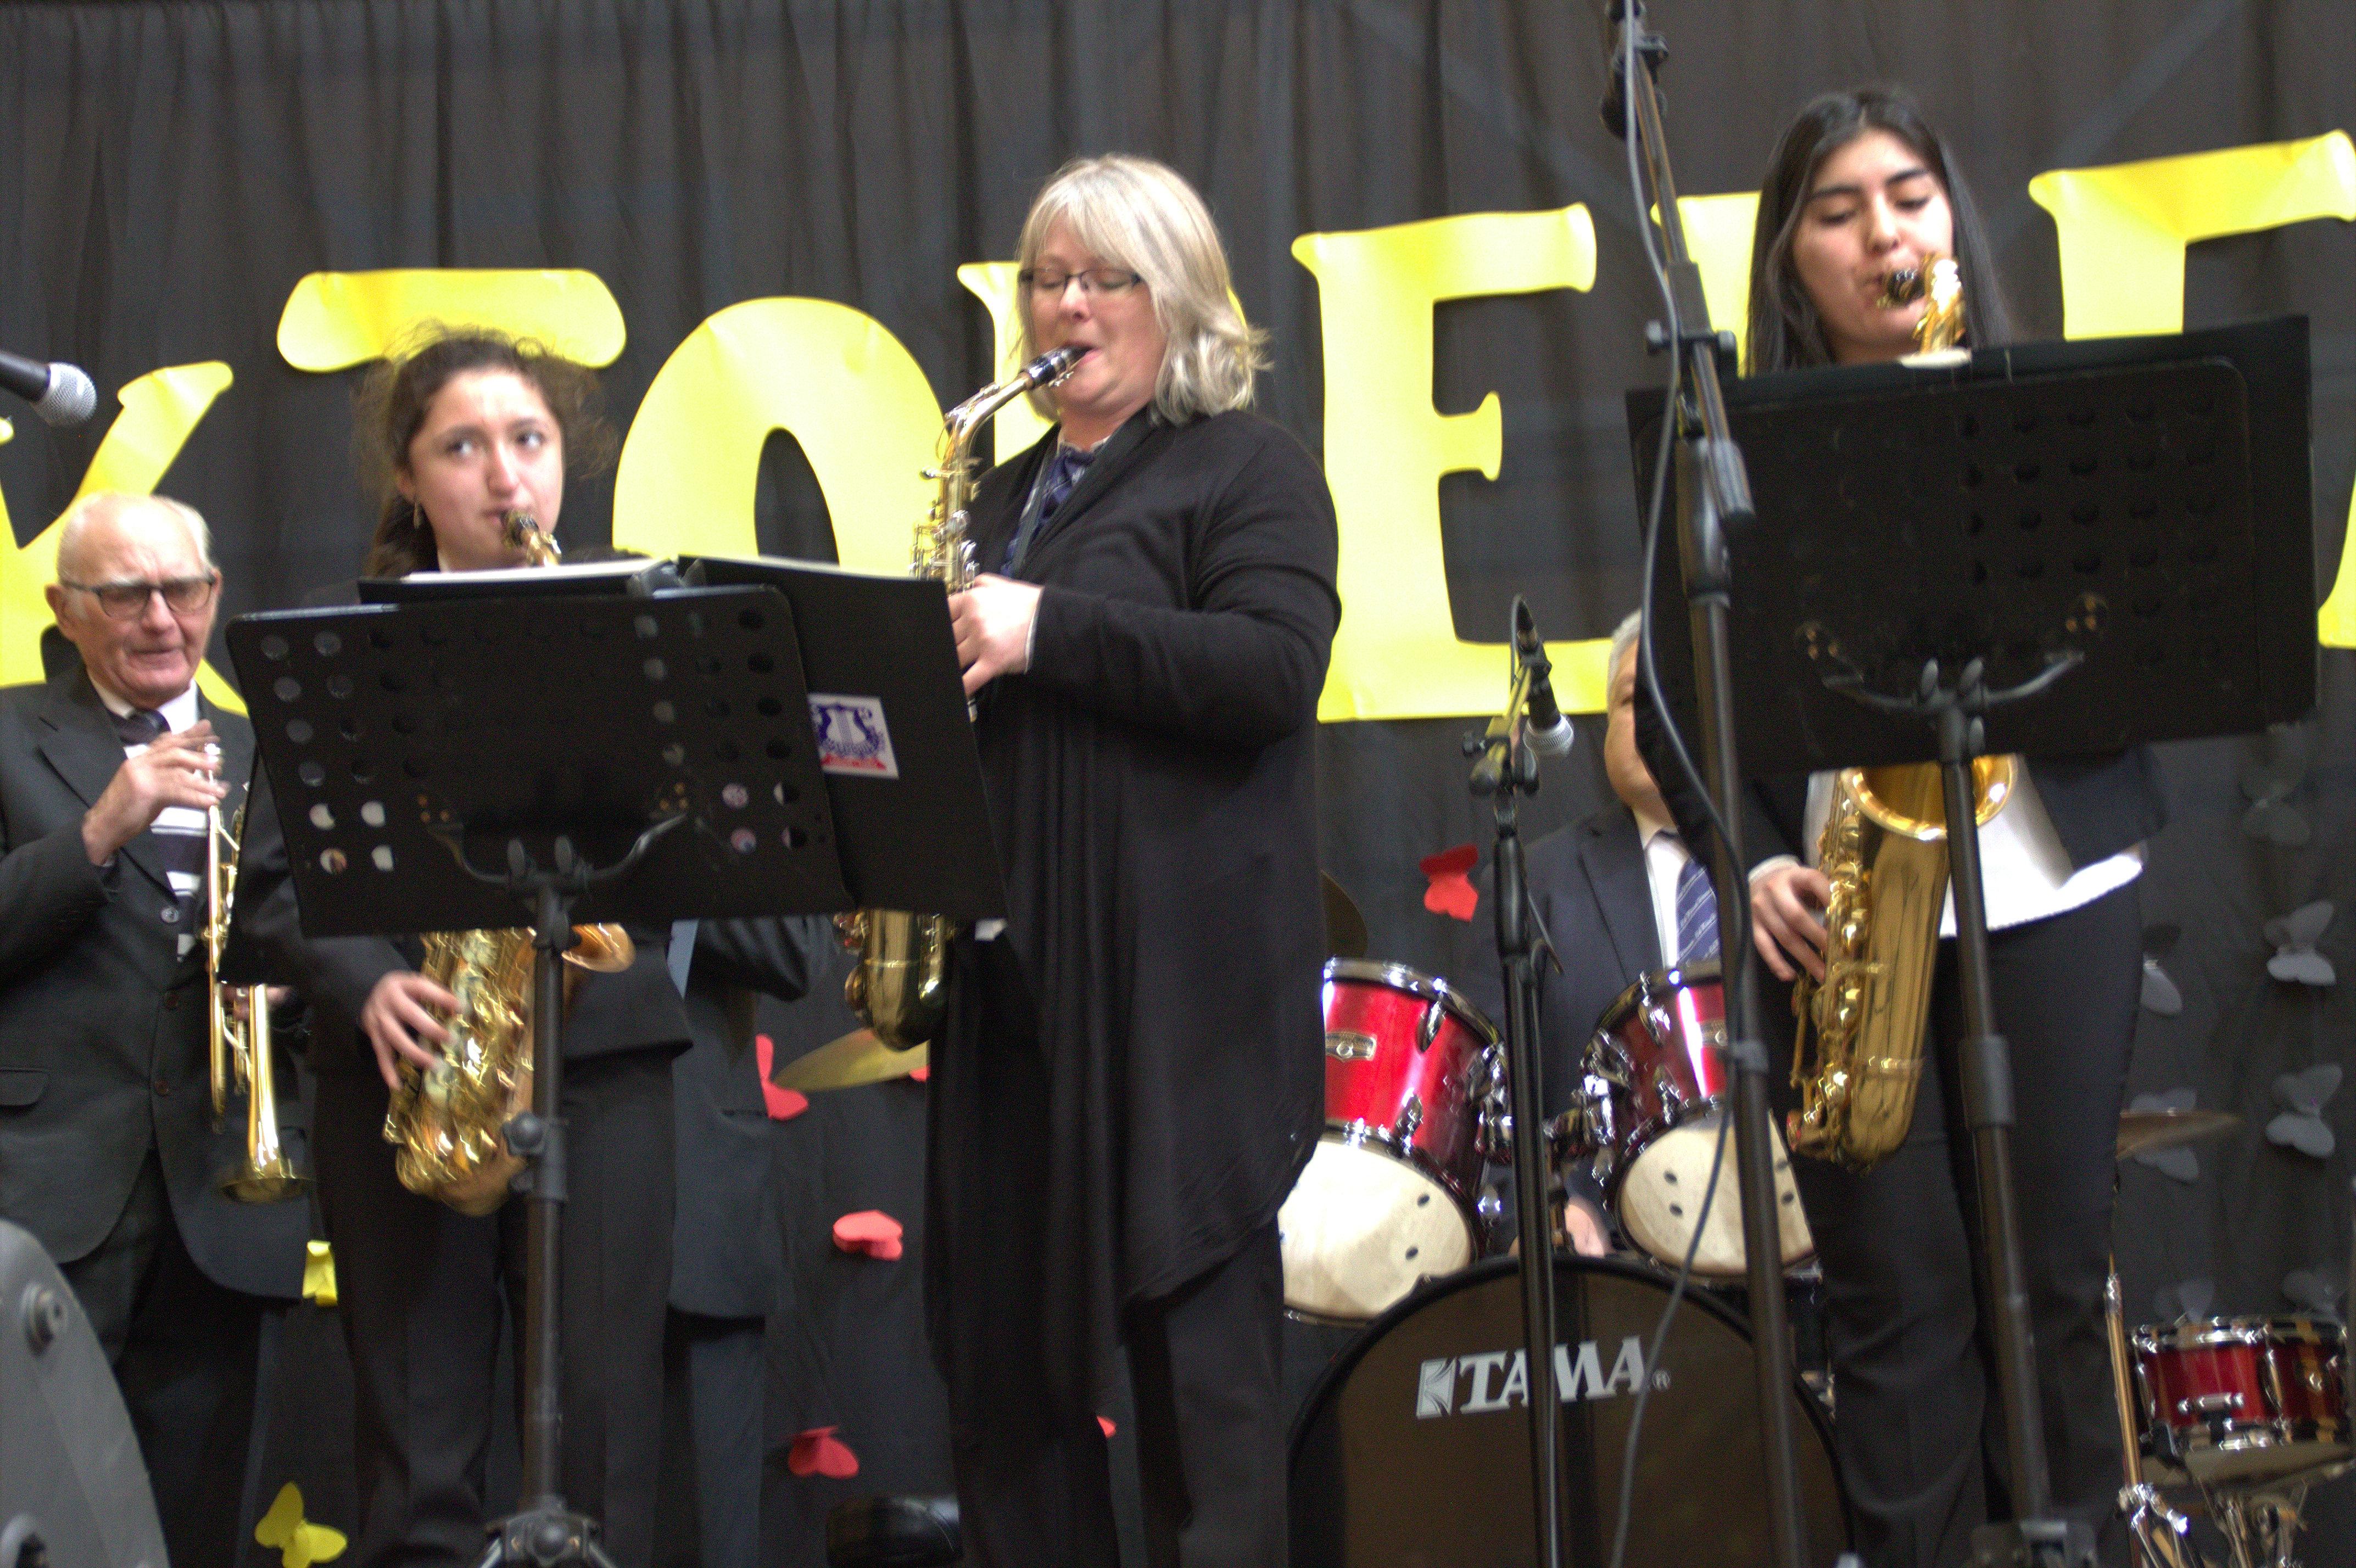 la tradicional saxofonista de la Banda C